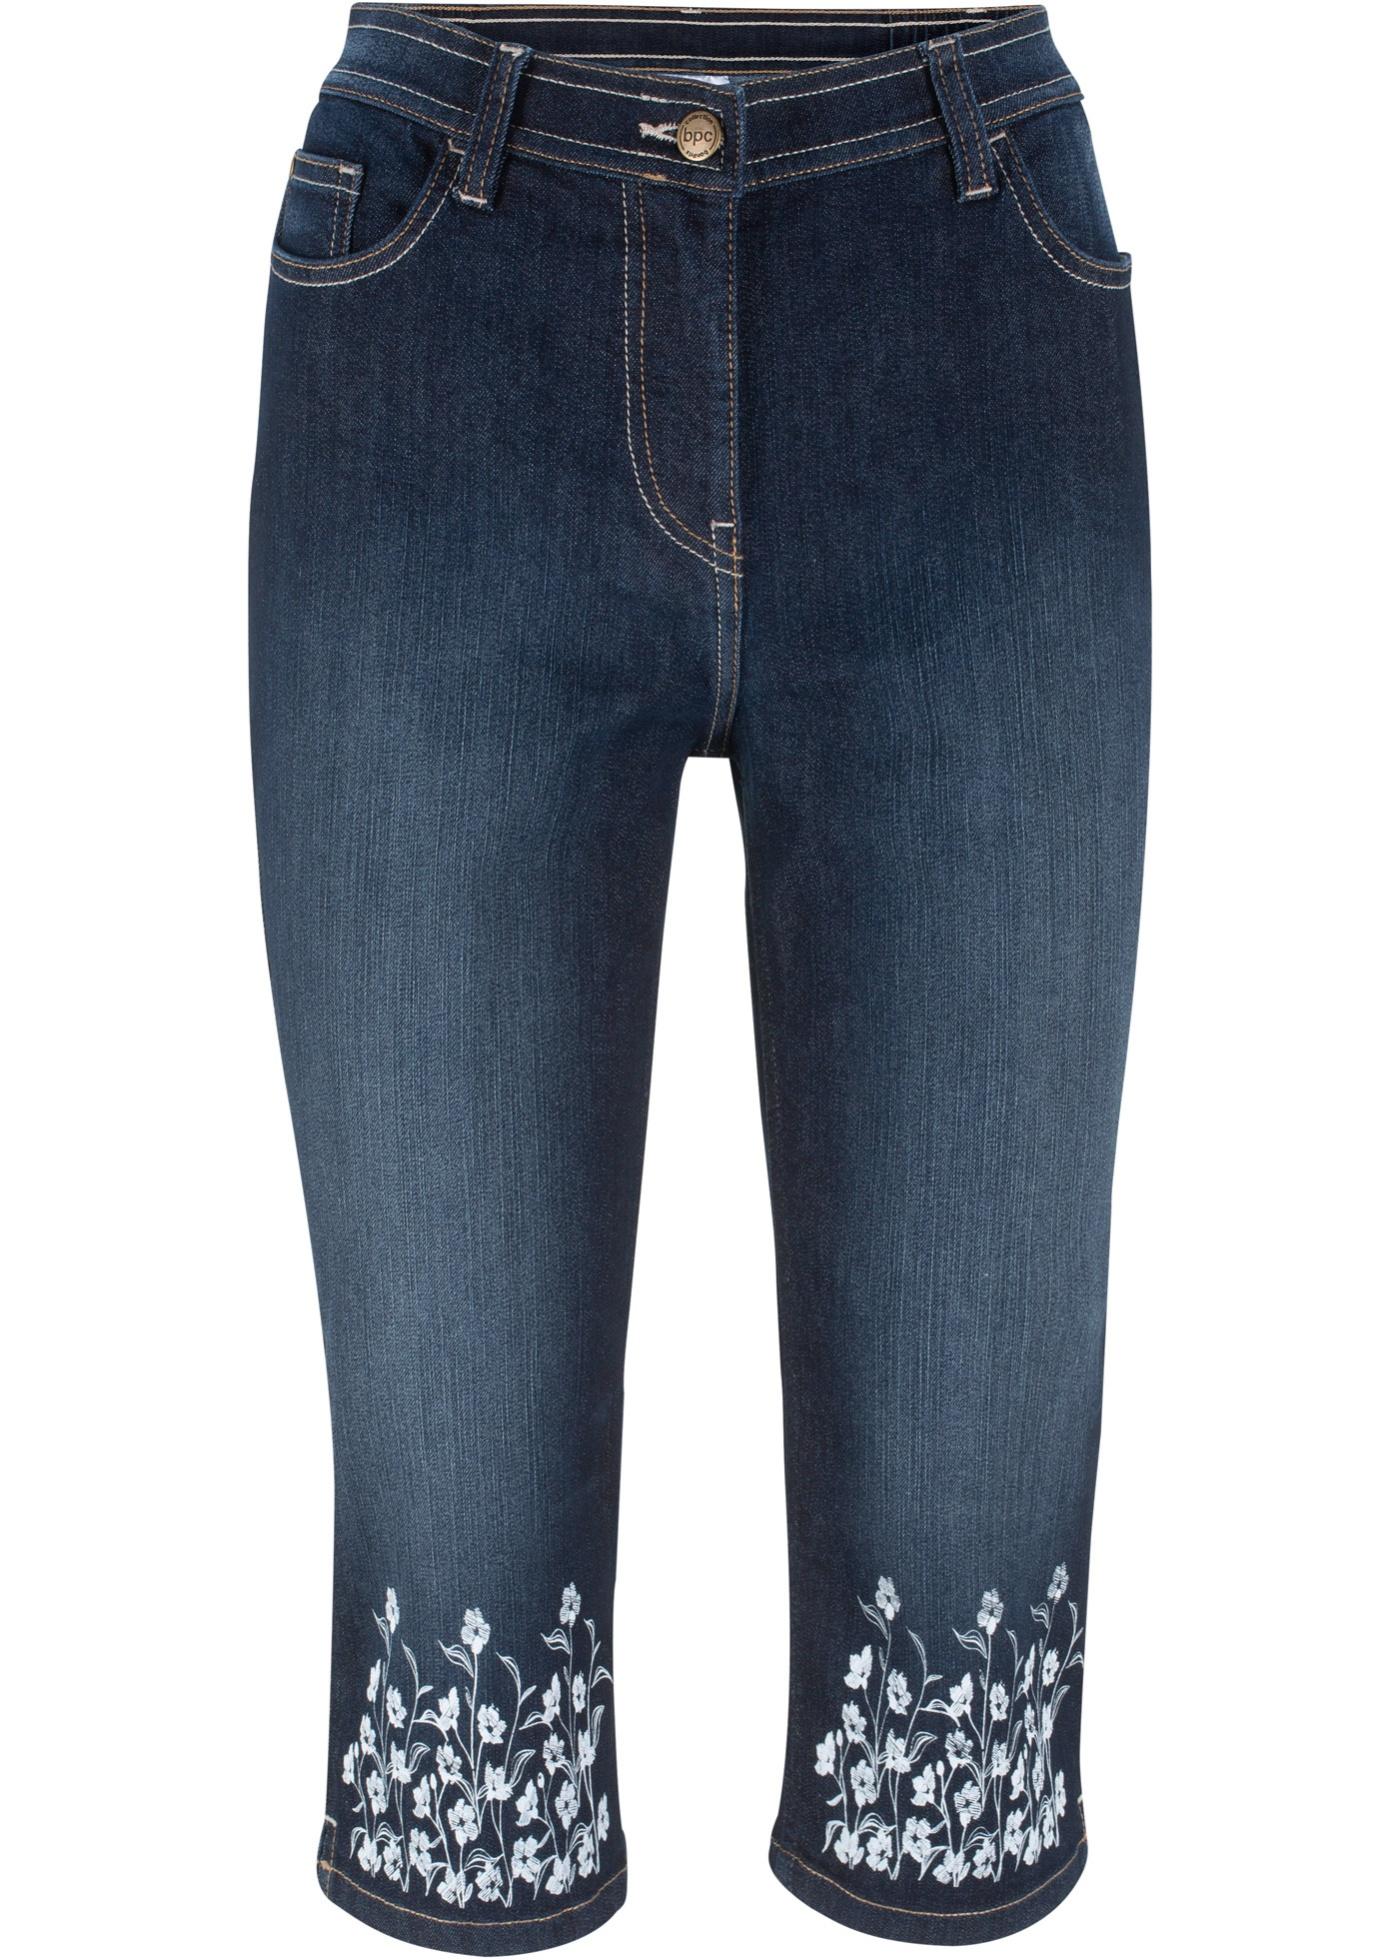 Bilde av 3/4-jeans med trykt bord nederst